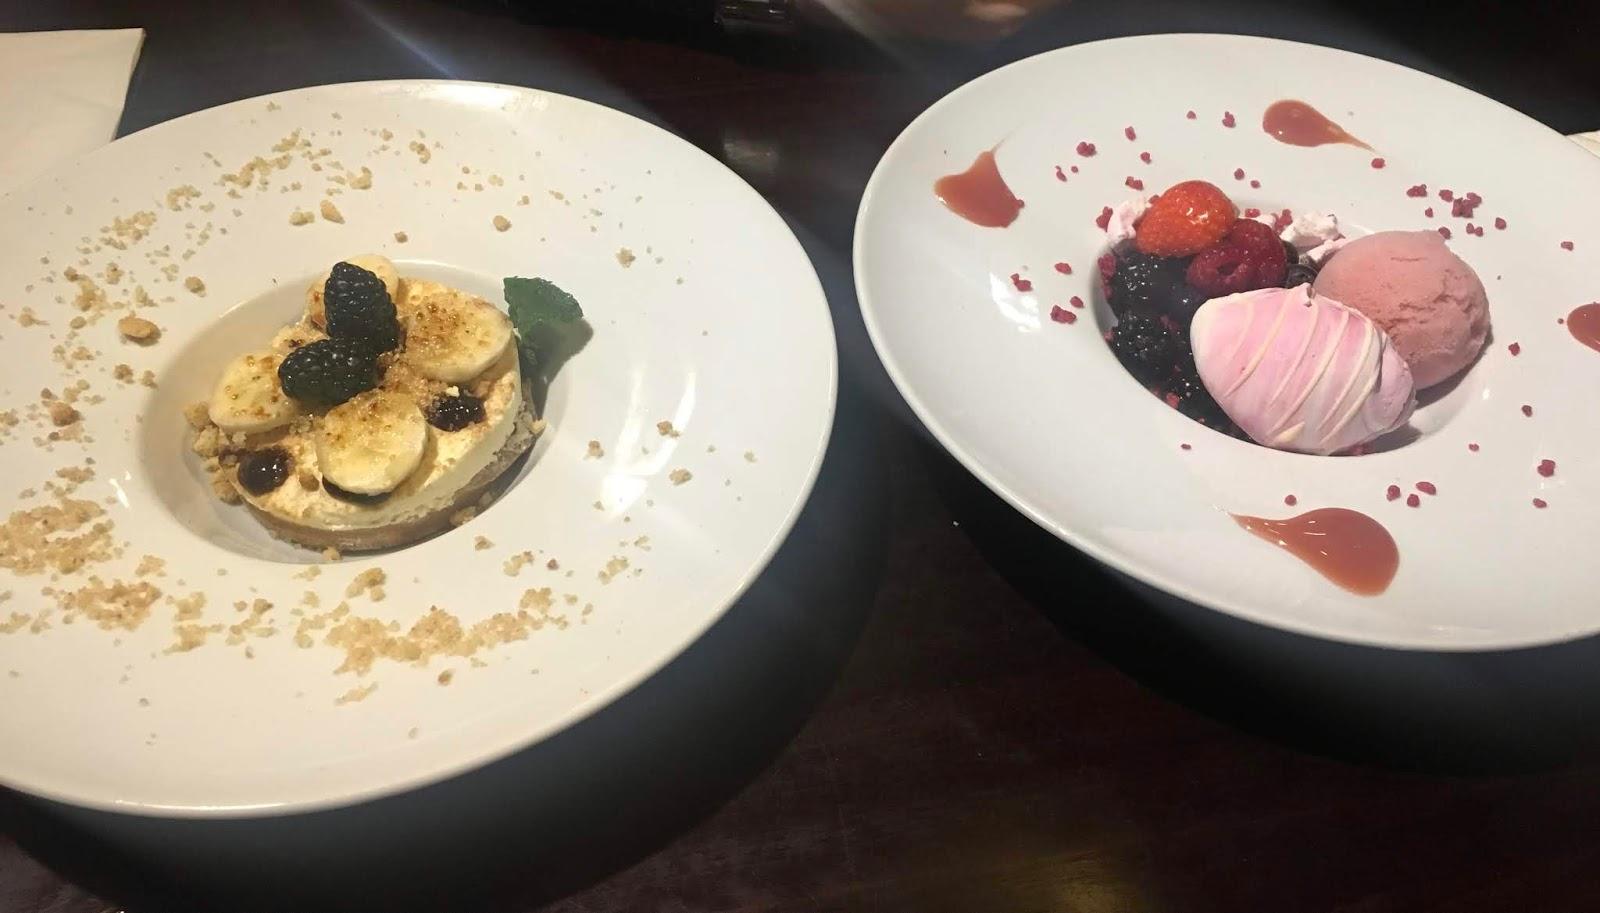 miller-and-carter-desserts